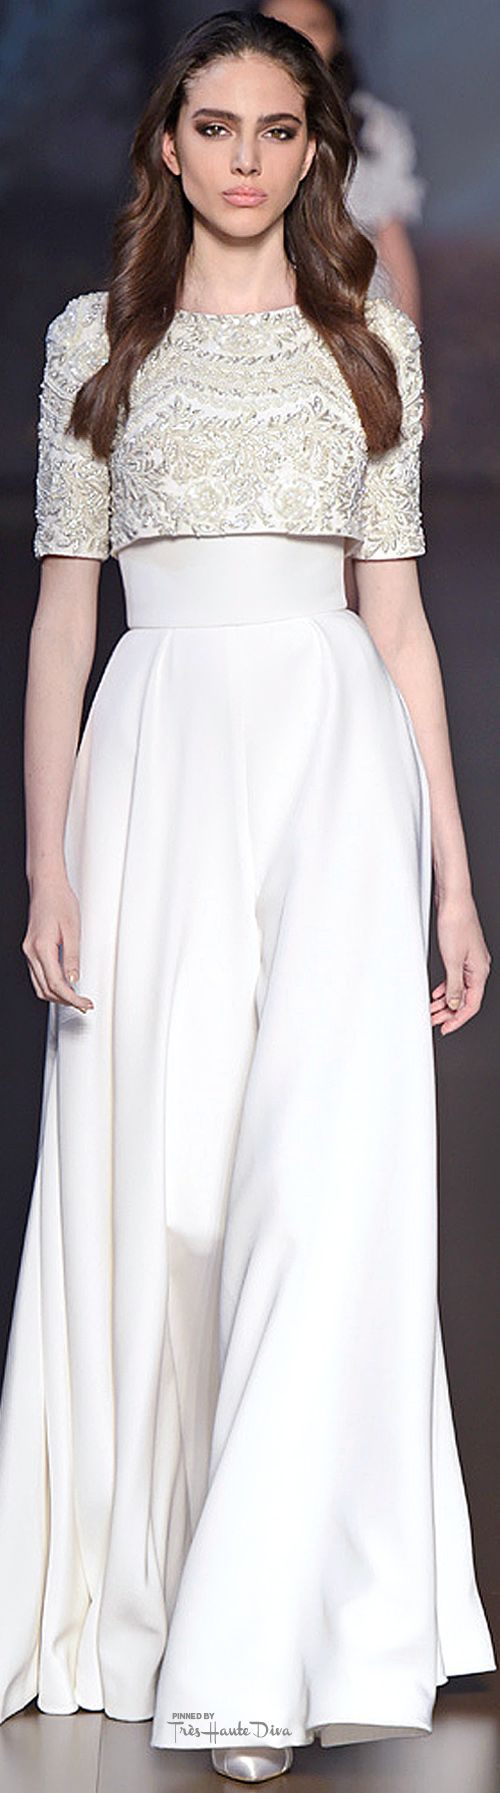 Ralph & Russo Fall 2015 #Haute #Couture u2654 Tru00e8s Haute Diva